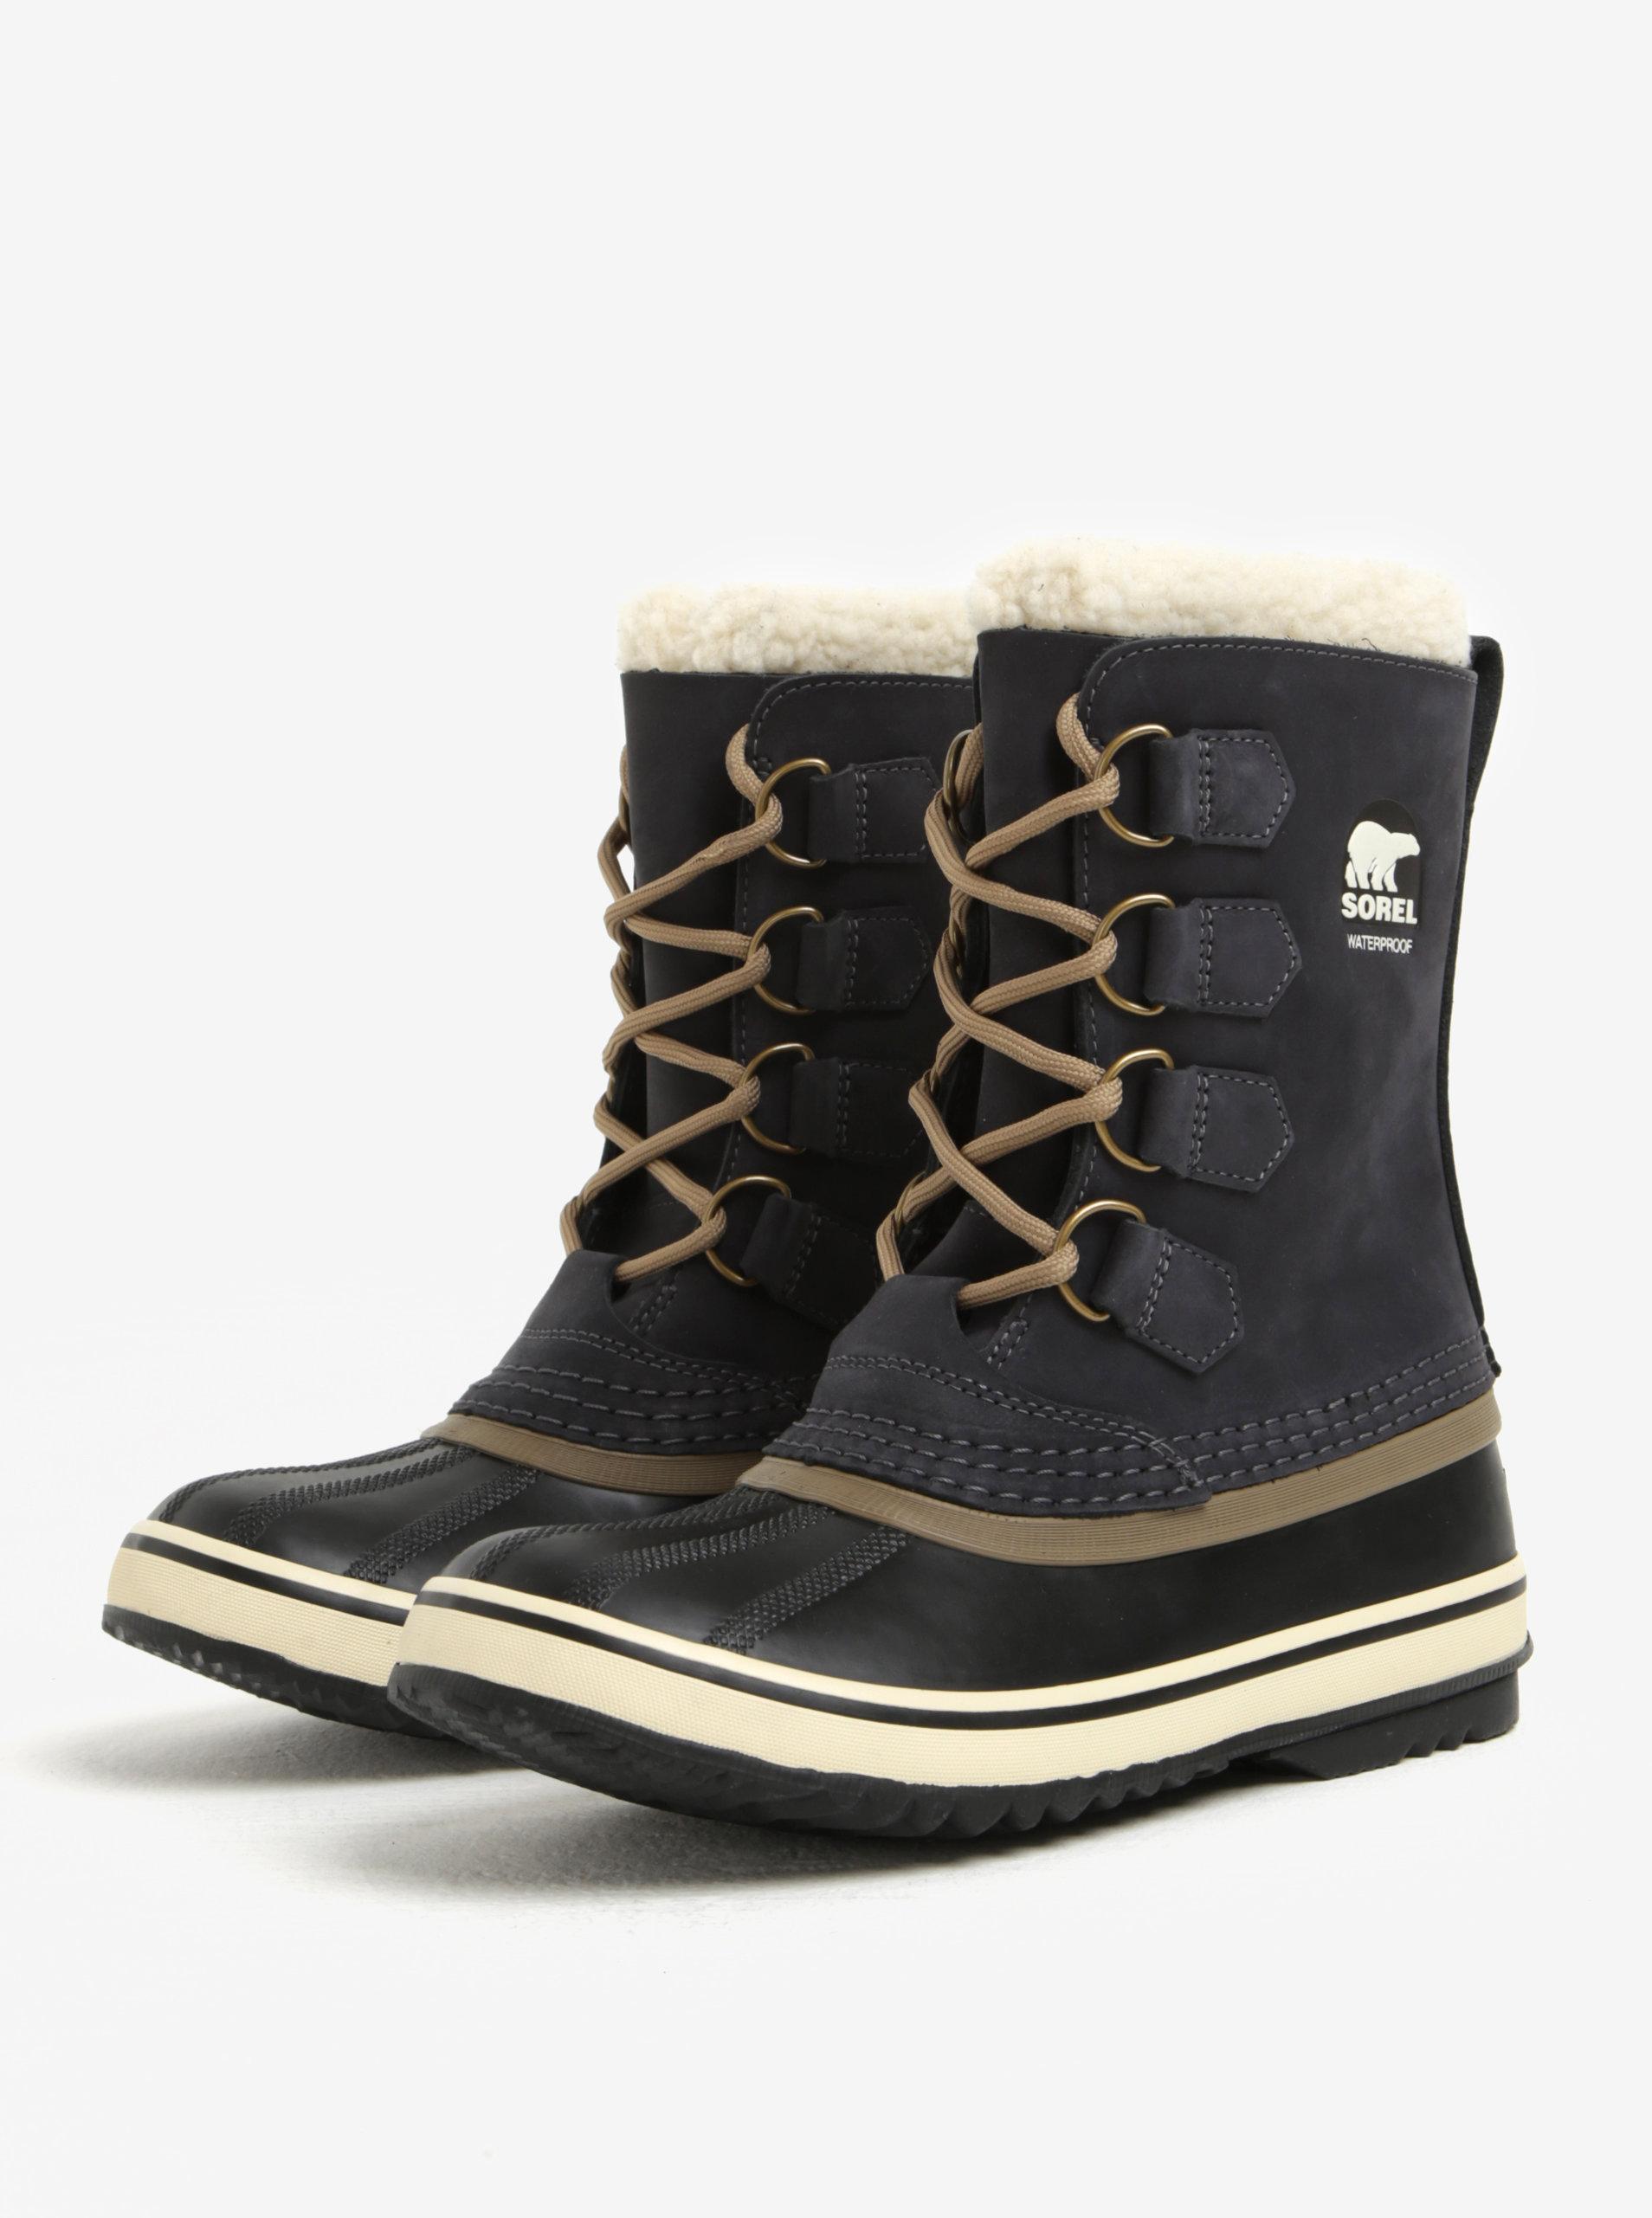 ... Tmavě šedé dámské kožené voděodolné zimní boty s umělým kožíškem SOREL  ... f9dd31d991